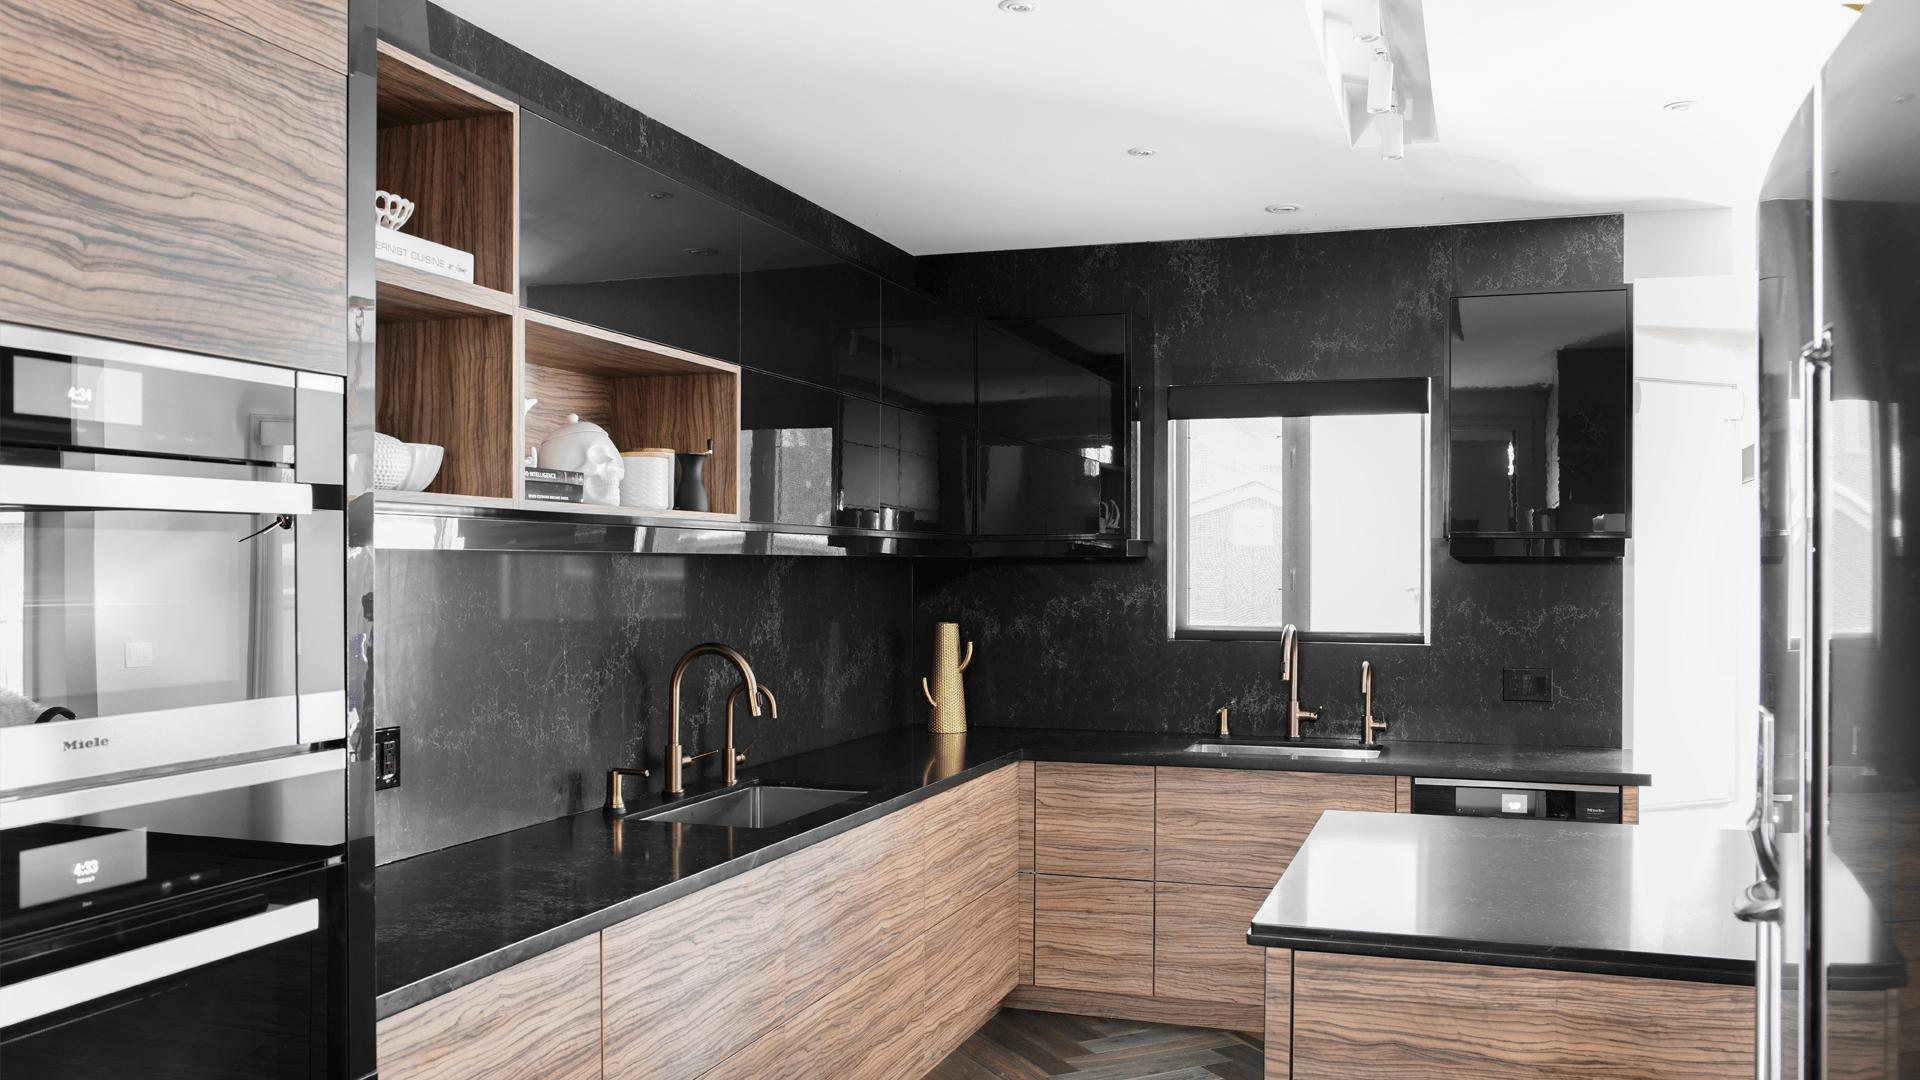 Vangarde Cabinet Design Factory